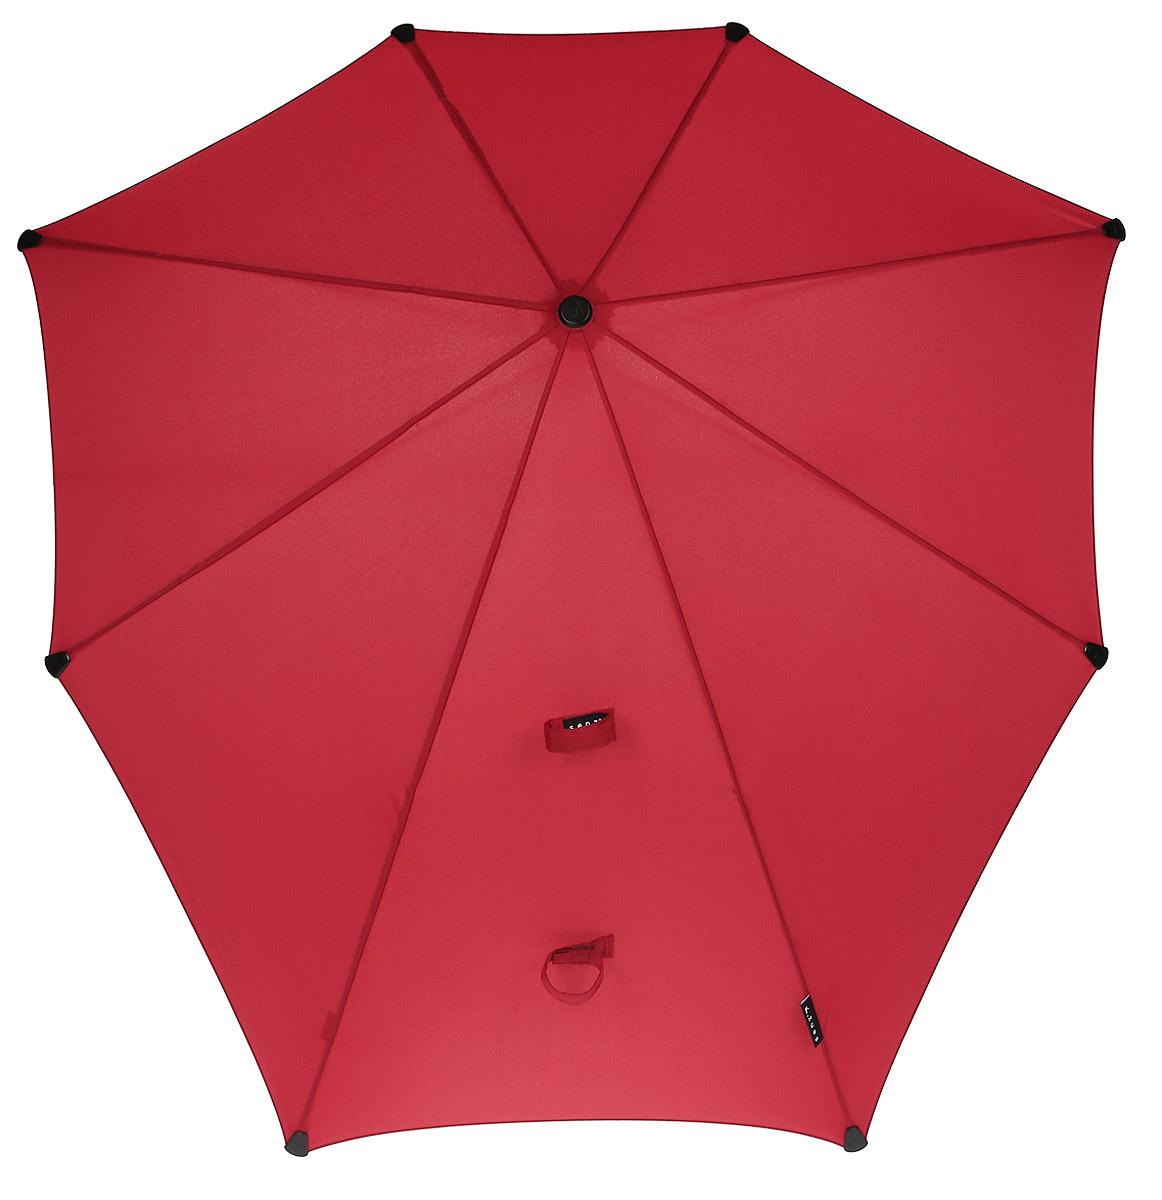 Зонт-трость Senz, цвет: красный. 20110472011047Вместо покупки нескольких дешевых зонтиков, которые легко ломаются, лучше преобрести надежный и качественный зонт от Senz. Инновационные противоштормовые зонты выдерживают любую непогоду. Форма купола продумана так, что вы легко найдете самое удобное положение на ветру – без паники и без борьбы со стихией. Закрывает спину от дождя. Благодаря своей усовершенствованной конструкции, зонт не выворачивается наизнанку даже при сильном ветре. Модель Senz Original выдержала испытания в аэротрубе со скоростью ветра 100 км/ч. Характеристики: - тип — трость - выдерживает порывы ветра до 100 км/ч - УФ-защита 50+ - удобная мягкая ручка - безопасные колпачки на кончиках спицах - в комплекте прочный чехол из плотной ткани с лямкой на плечо - гарантия 2 года Размер купола: 90 х 87 см, длина в сложенном виде - 79 см. Весит 440 г.